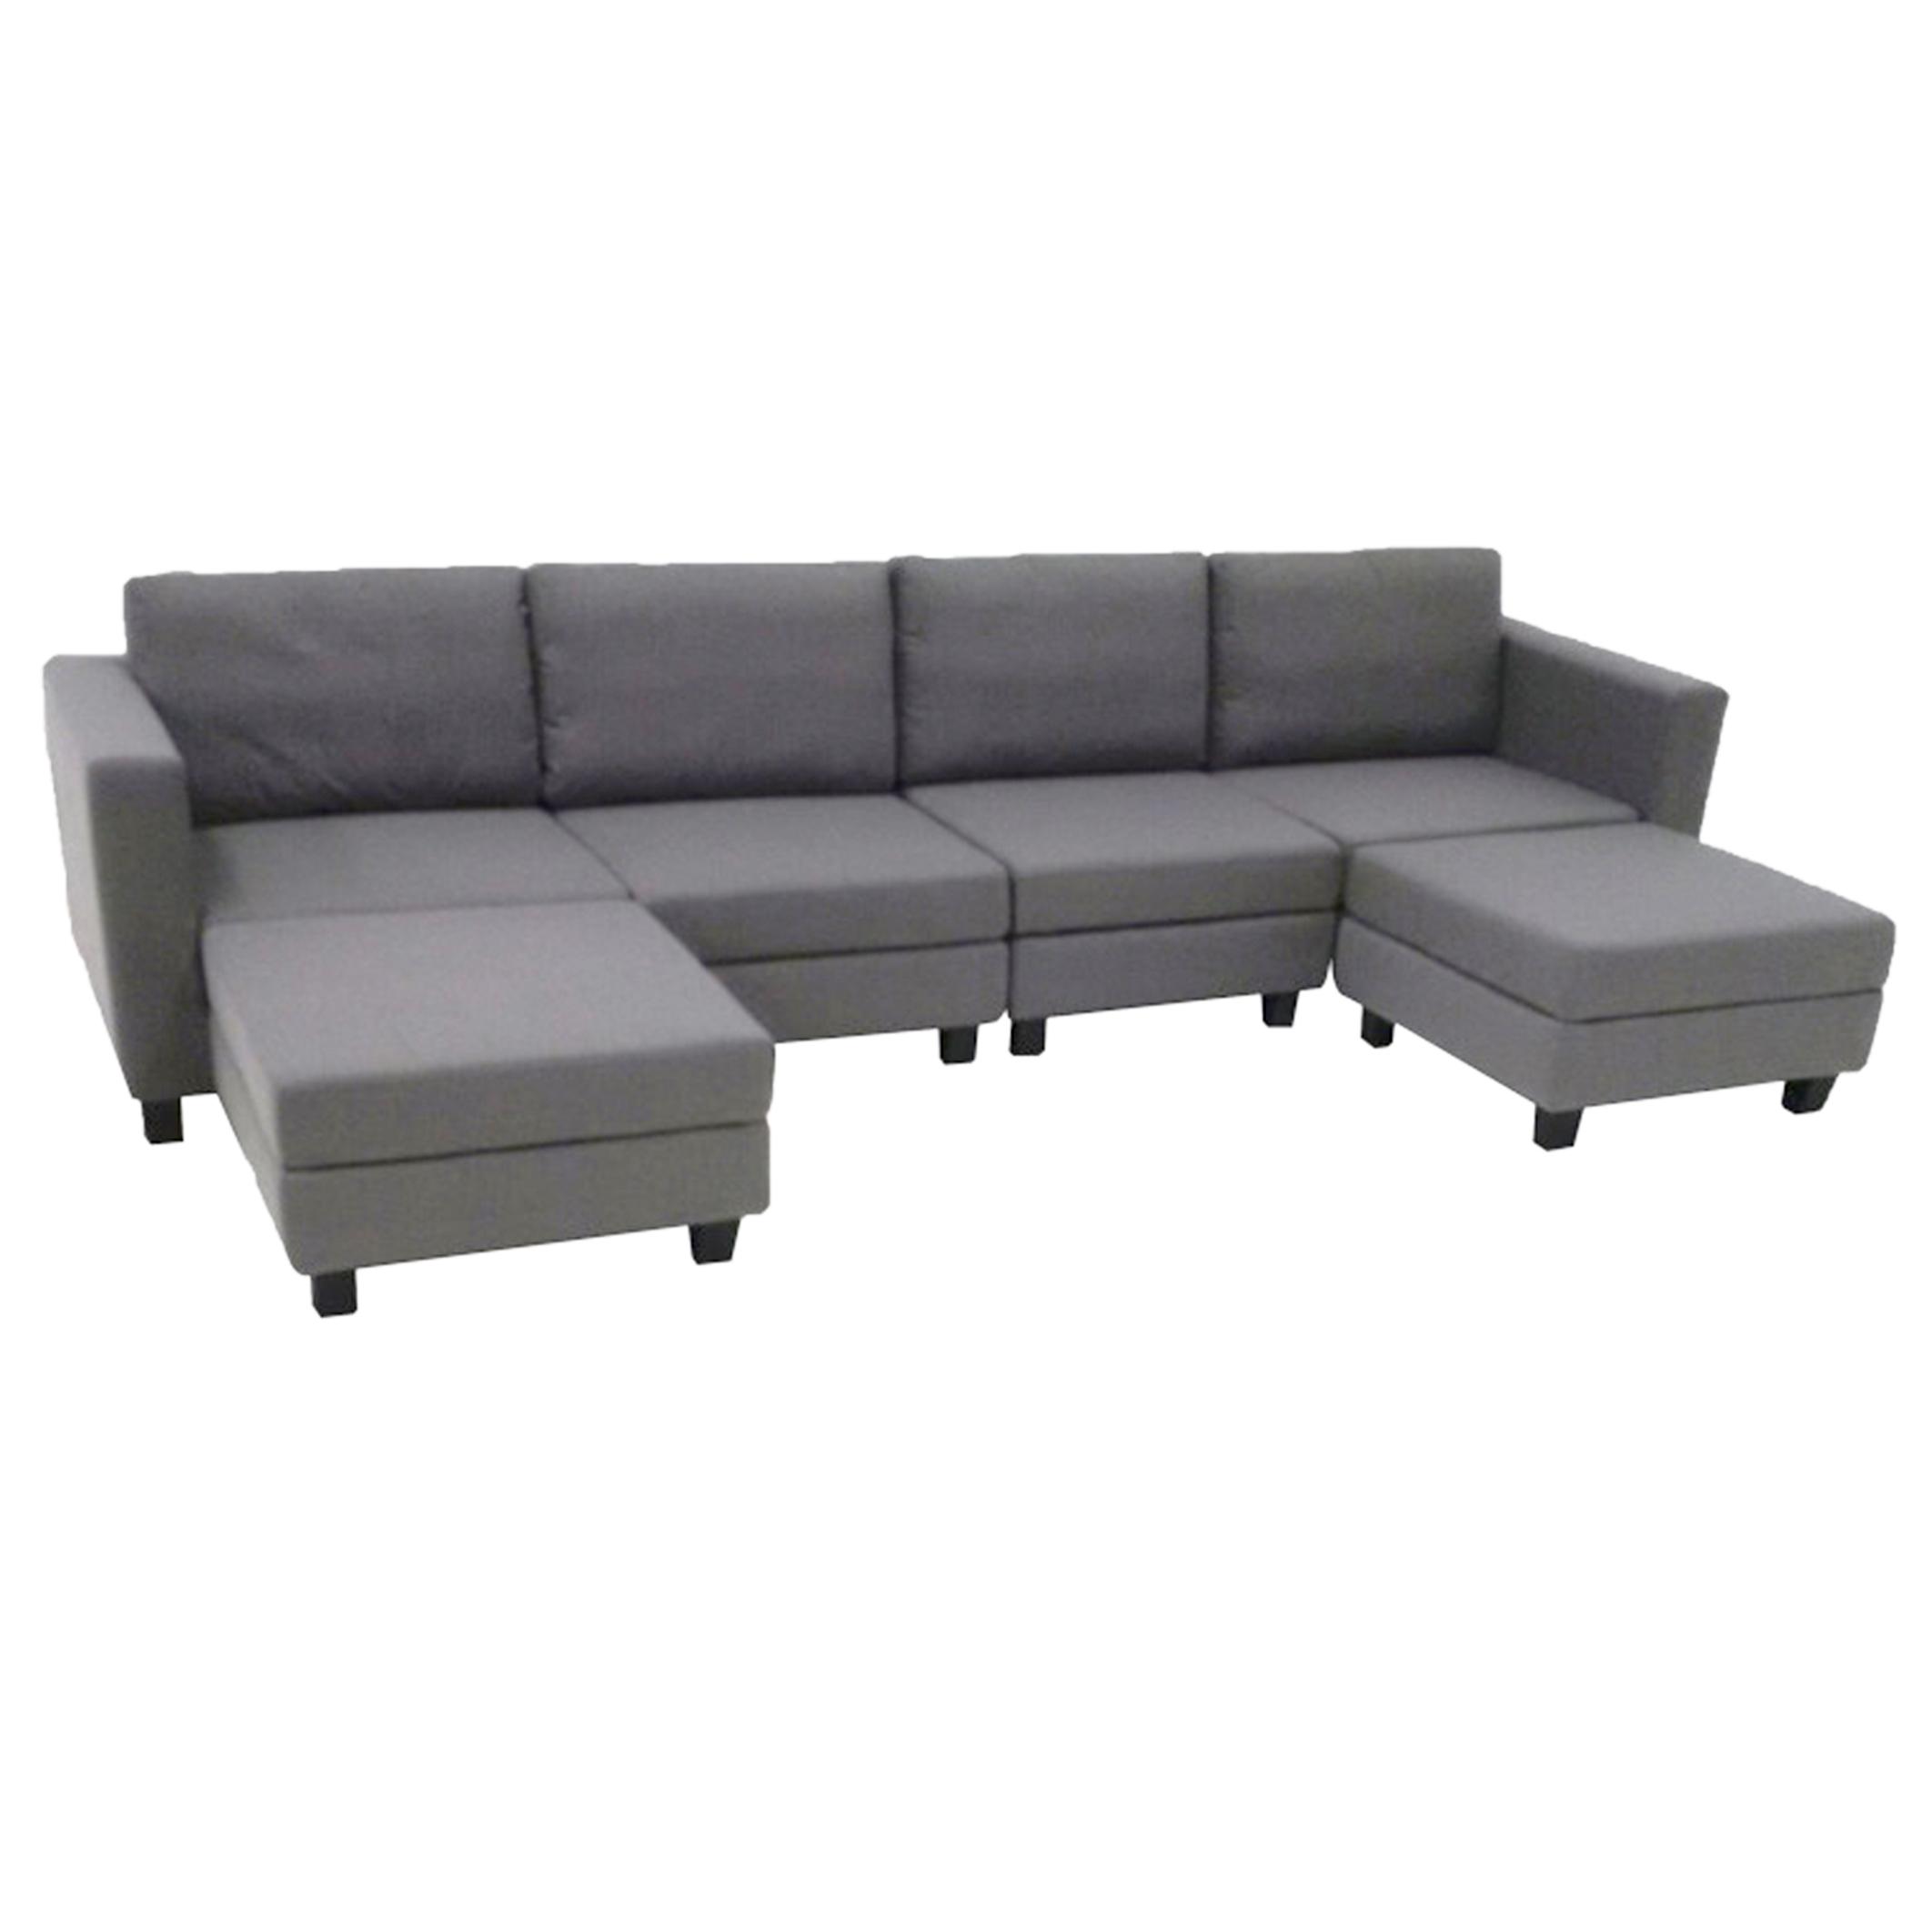 waterloo furniture waterloo lux furniture rentals